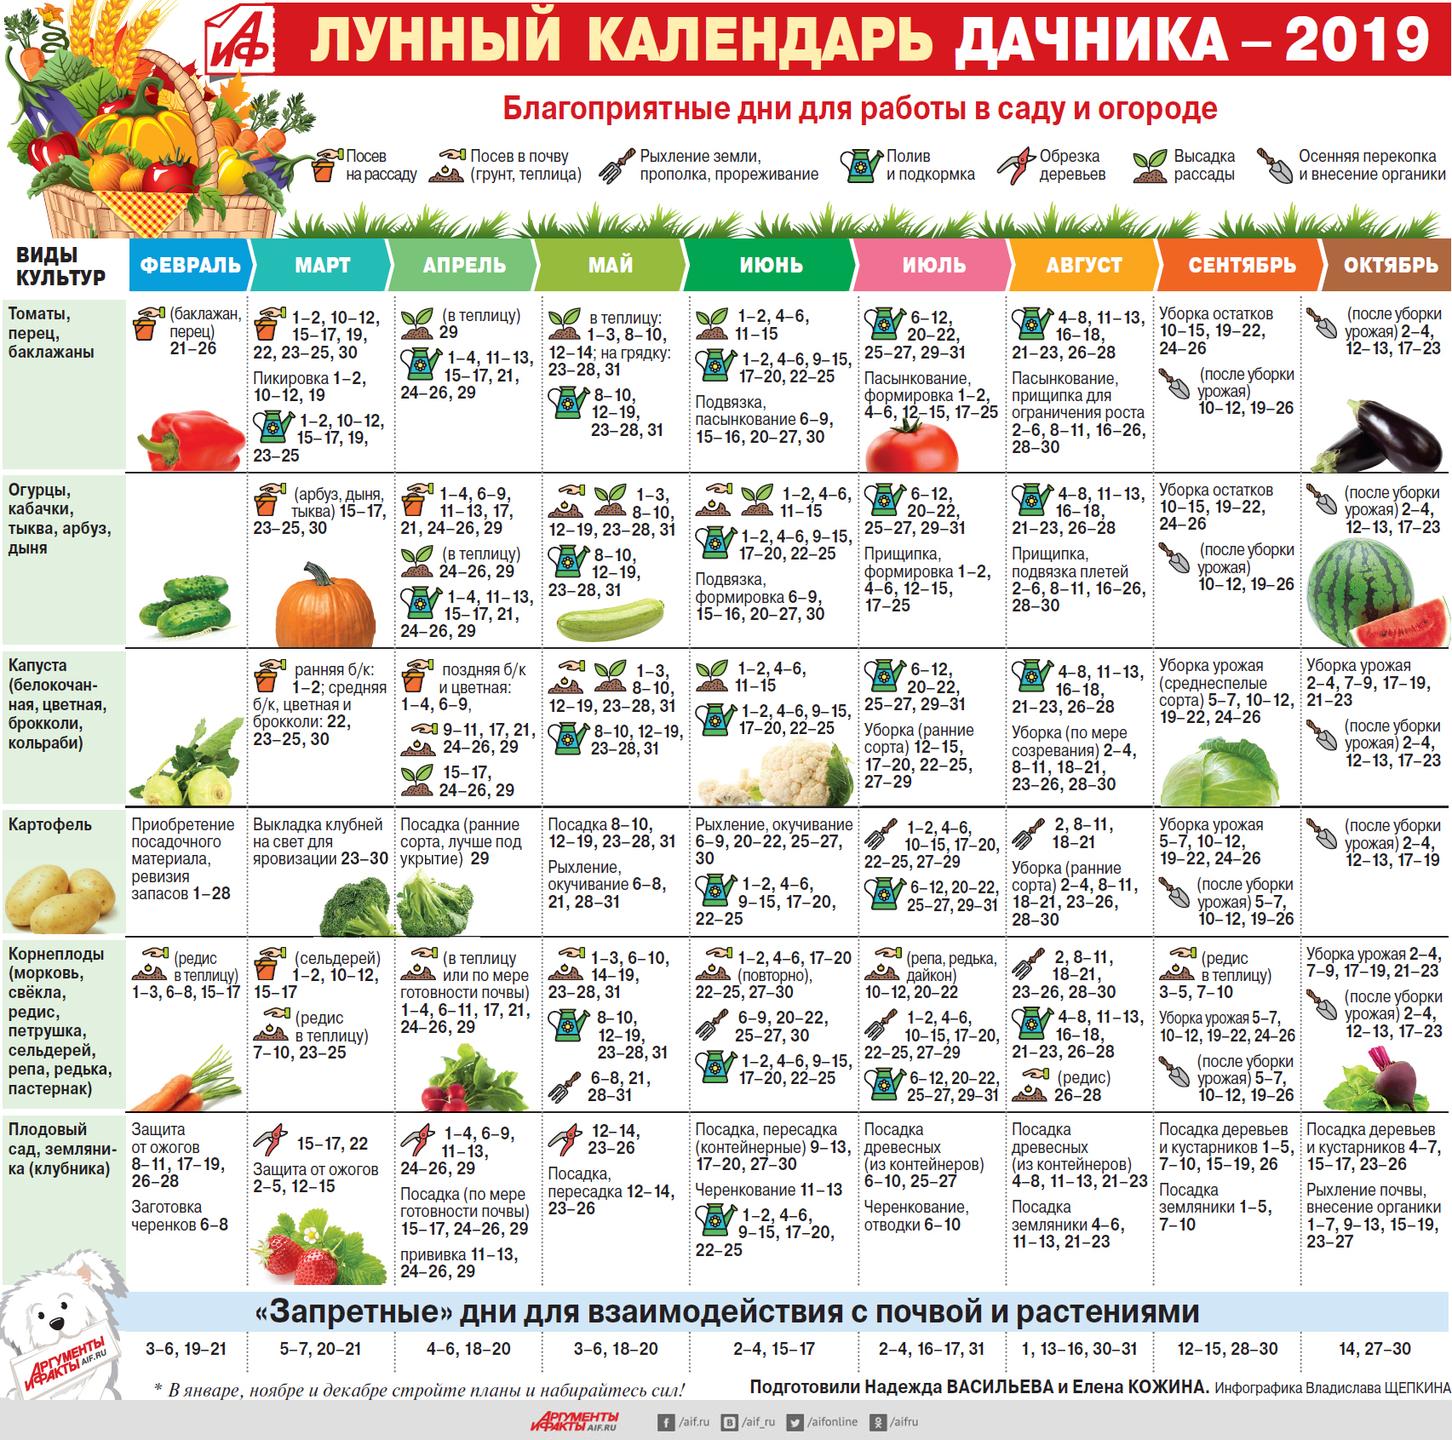 Посадка моркови по лунному календарю 2019